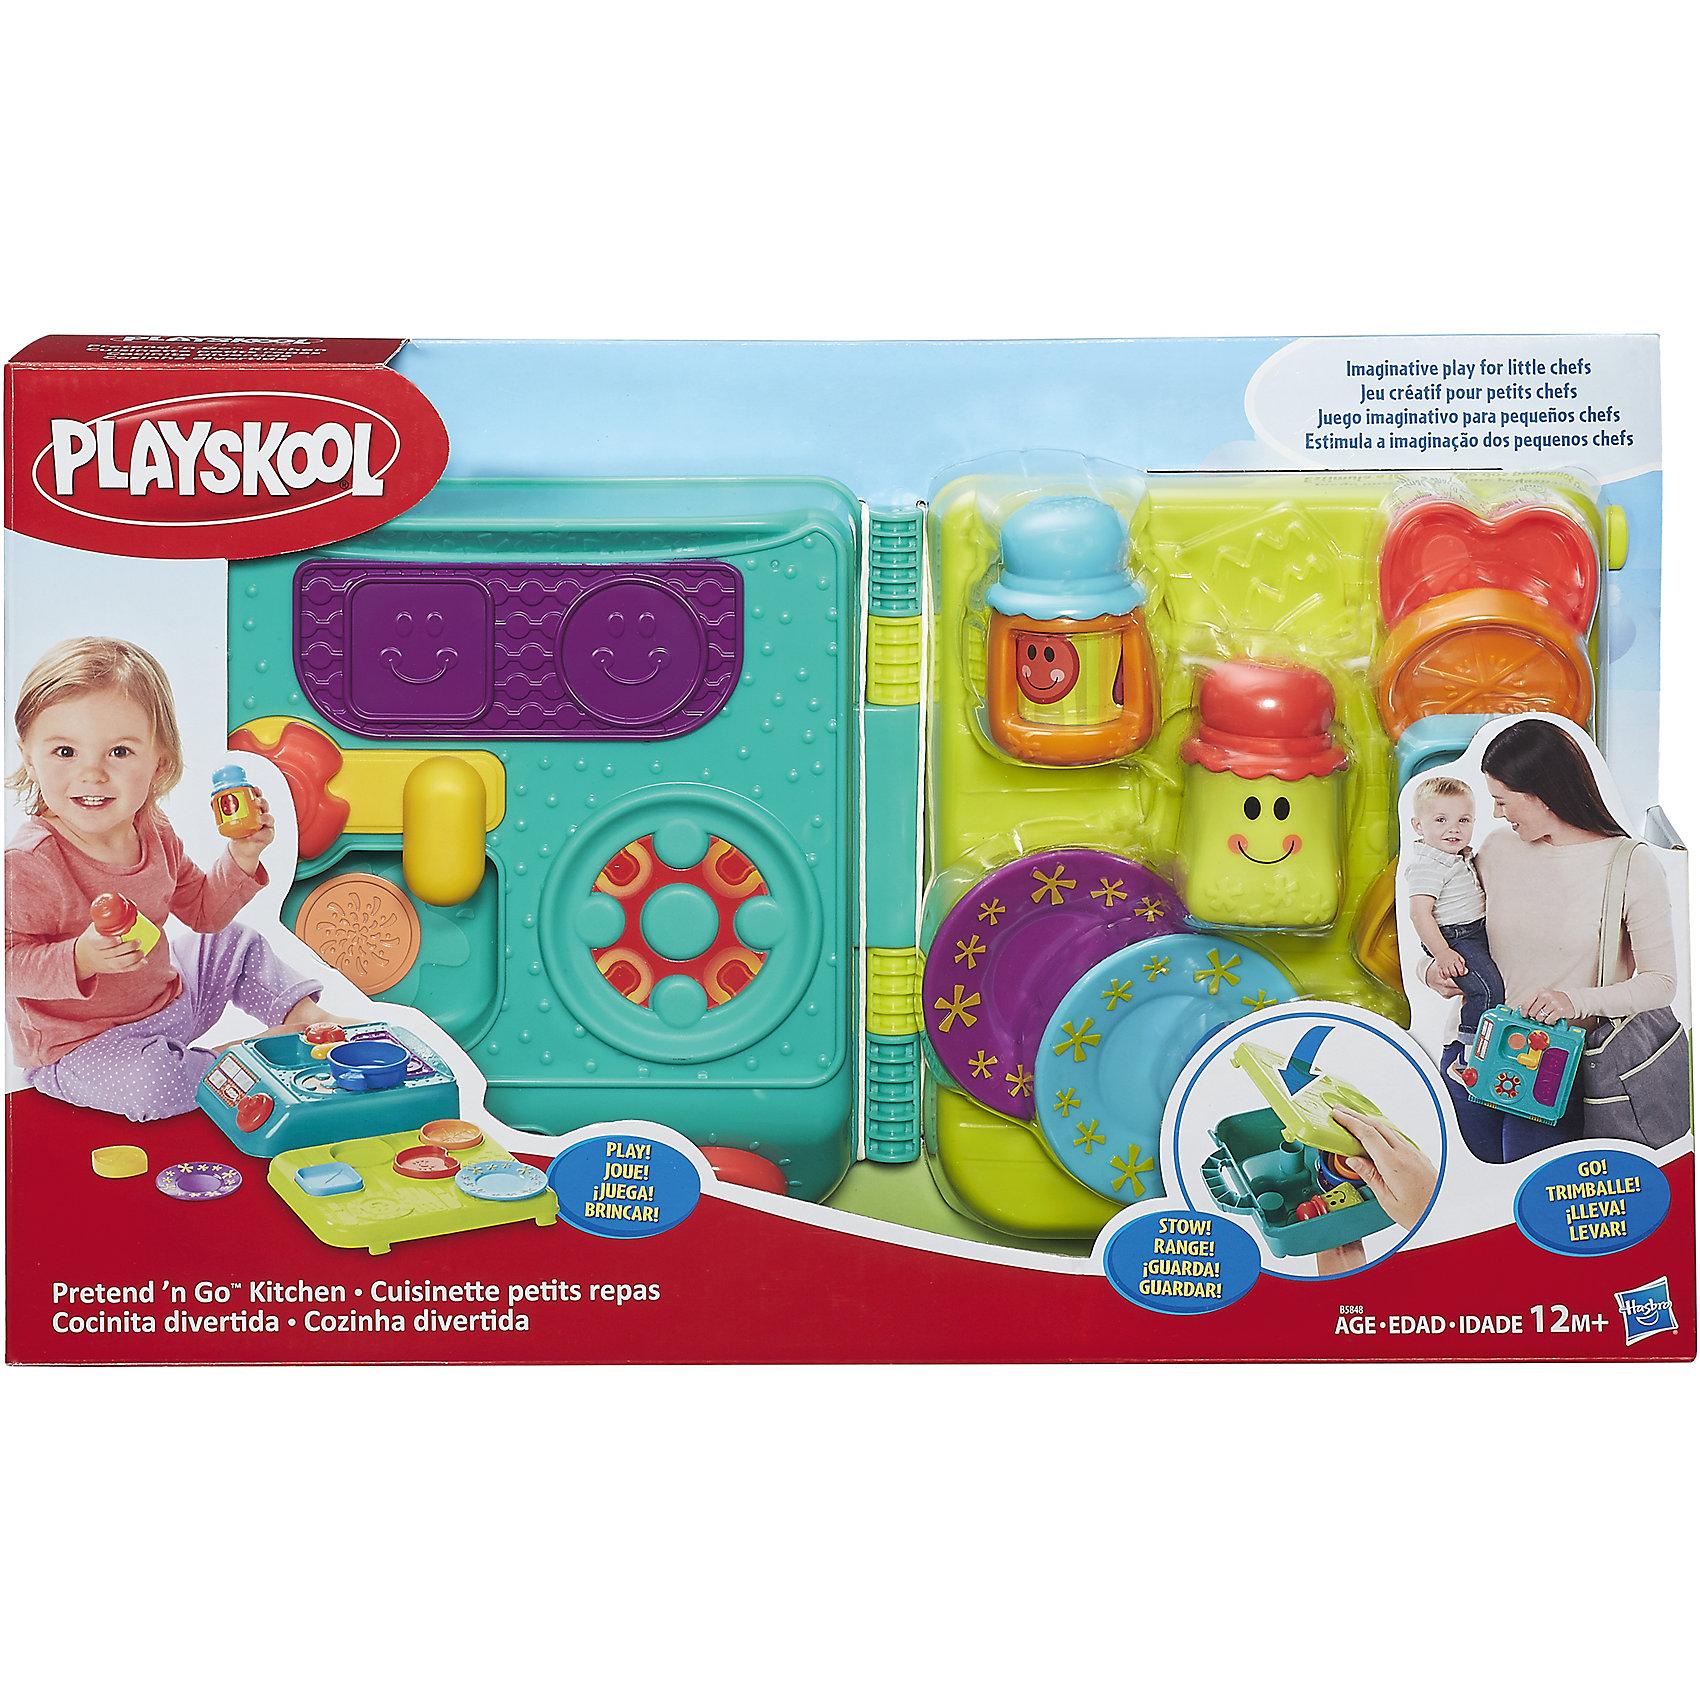 Моя первая кухня возьми с собой, PLAYSKOOL, HasbroРазвивающие игрушки<br>Характеристики:<br><br>• возраст: от 1 года;<br>• материал: пластик;<br>• в комплекте: чемодан, аксессуары;<br>• размер упаковки: 46,7х24,4х29,8 см;<br>• вес упаковки: 1,06 кг;<br>• страна производитель: Китай.<br><br>Моя первая кухня «Возьми с собой» Playskool Hasbro — развивающая игрушка для детей от 1 года. В набор входят предметы посуды, которые позволят придумать множество развивающих игр и попробовать себя настоящим поваром.<br><br>Все предметы находятся в удобном закрывающемся чемоданчике, поэтому их можно брать с собой в поездку и удобно хранить дома, чтобы ничего не потерять. На одной из сторон чемодана находятся варочная панель и раковина. Игрушка способствует развитию мелкой моторики рук, логического мышления, цветового восприятия, воображения. Все элементы выполнены из качественного безопасного пластика.<br><br>Мою первую кухню «Возьми с собой» Playskool Hasbro можно приобрести в нашем интернет-магазине.<br><br>Ширина мм: 467<br>Глубина мм: 244<br>Высота мм: 298<br>Вес г: 1066<br>Возраст от месяцев: 12<br>Возраст до месяцев: 2147483647<br>Пол: Унисекс<br>Возраст: Детский<br>SKU: 6753161